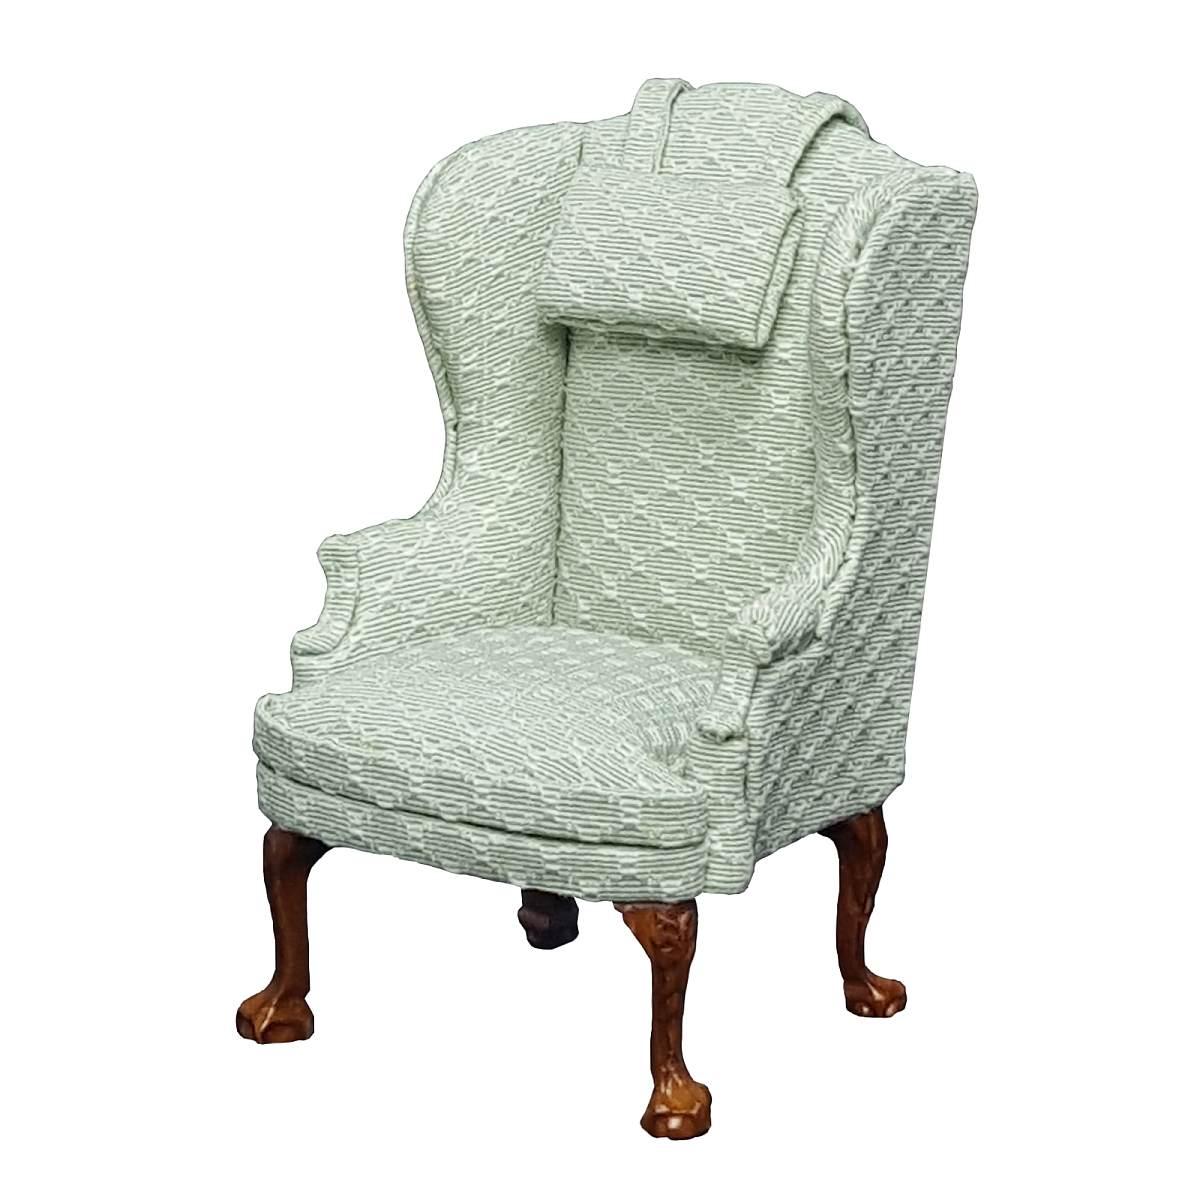 ohrensessel lindgr n 41860. Black Bedroom Furniture Sets. Home Design Ideas